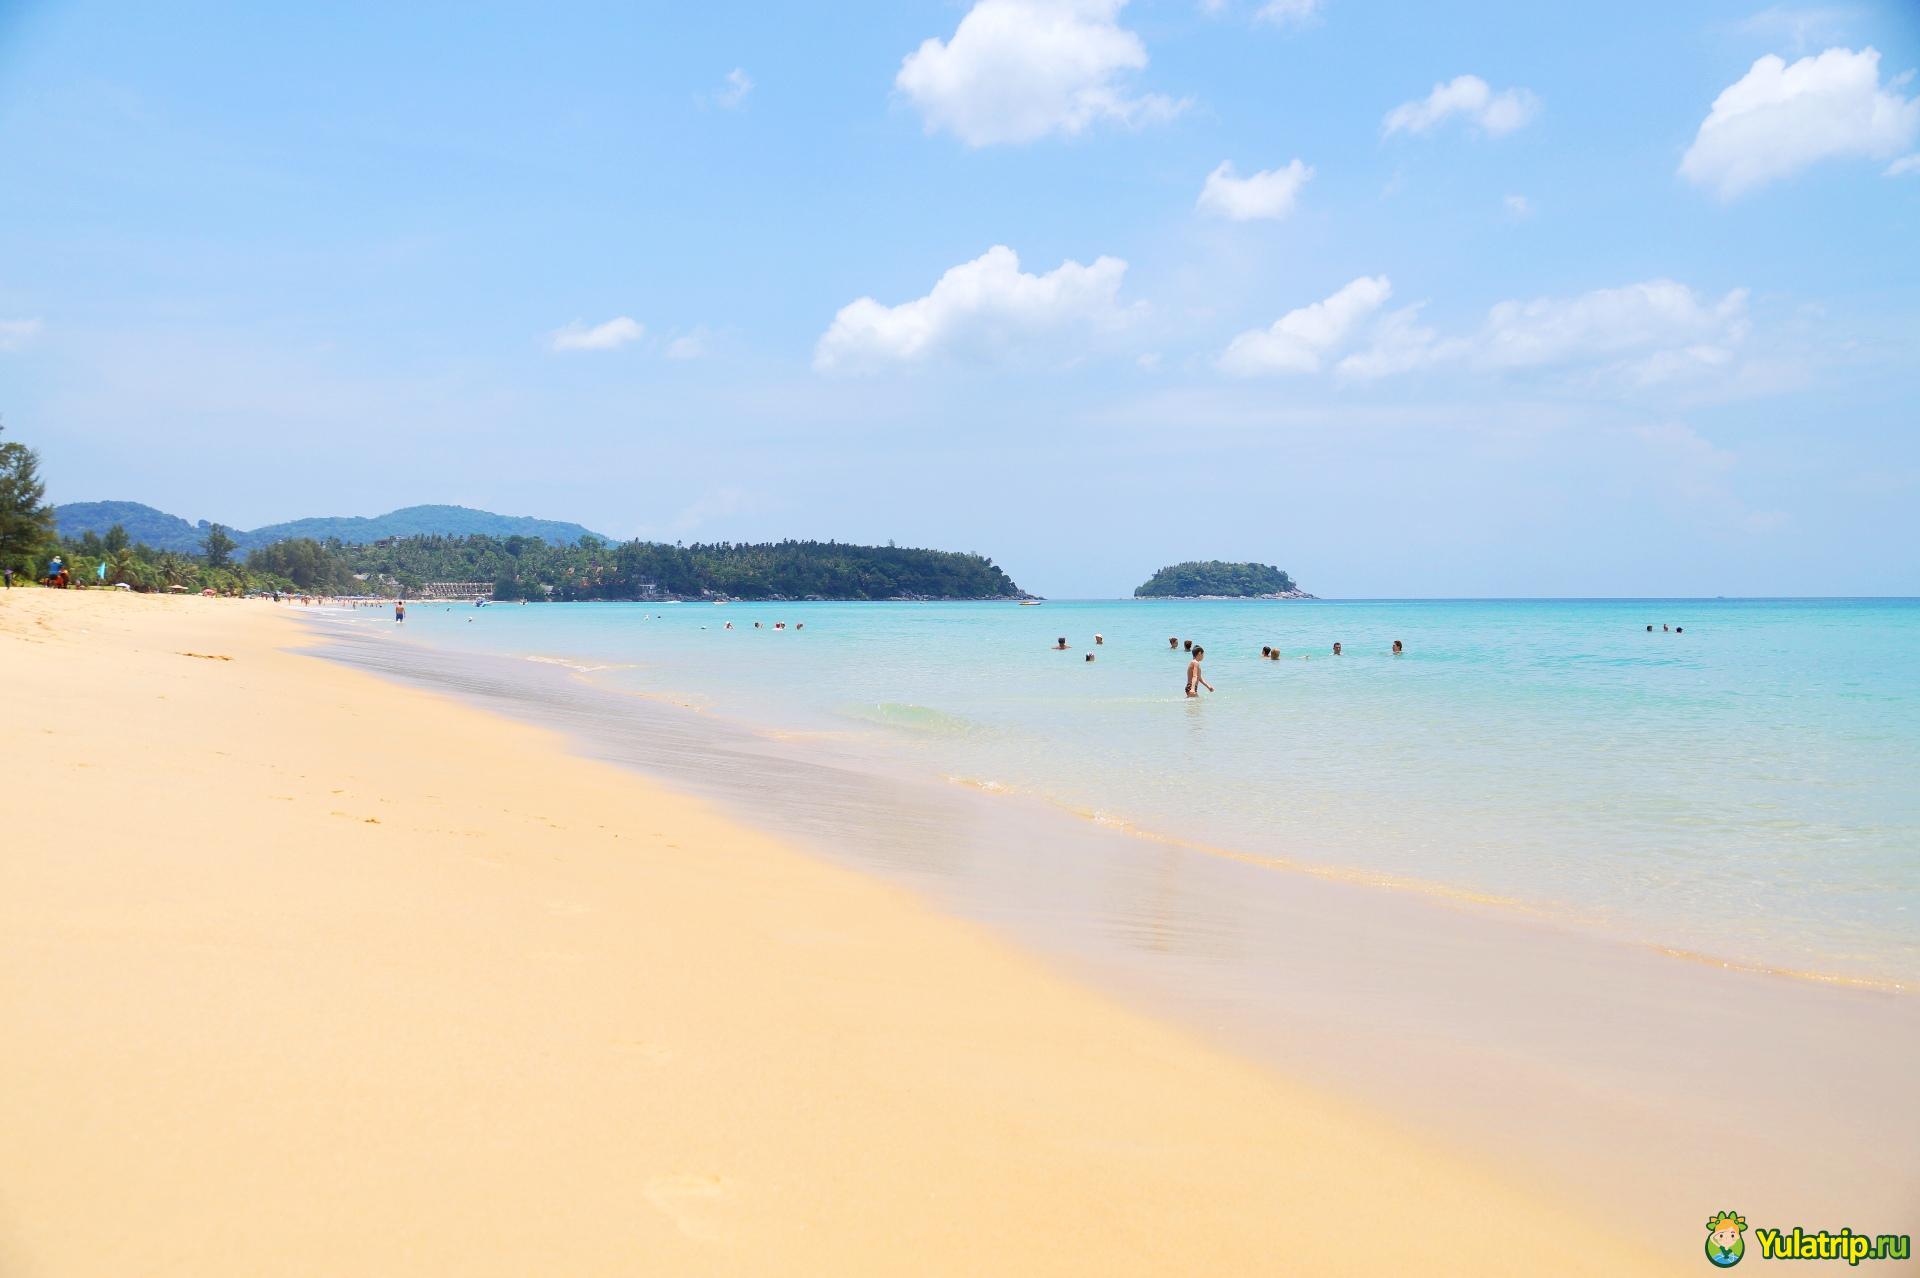 Пляж карон таиланд фото